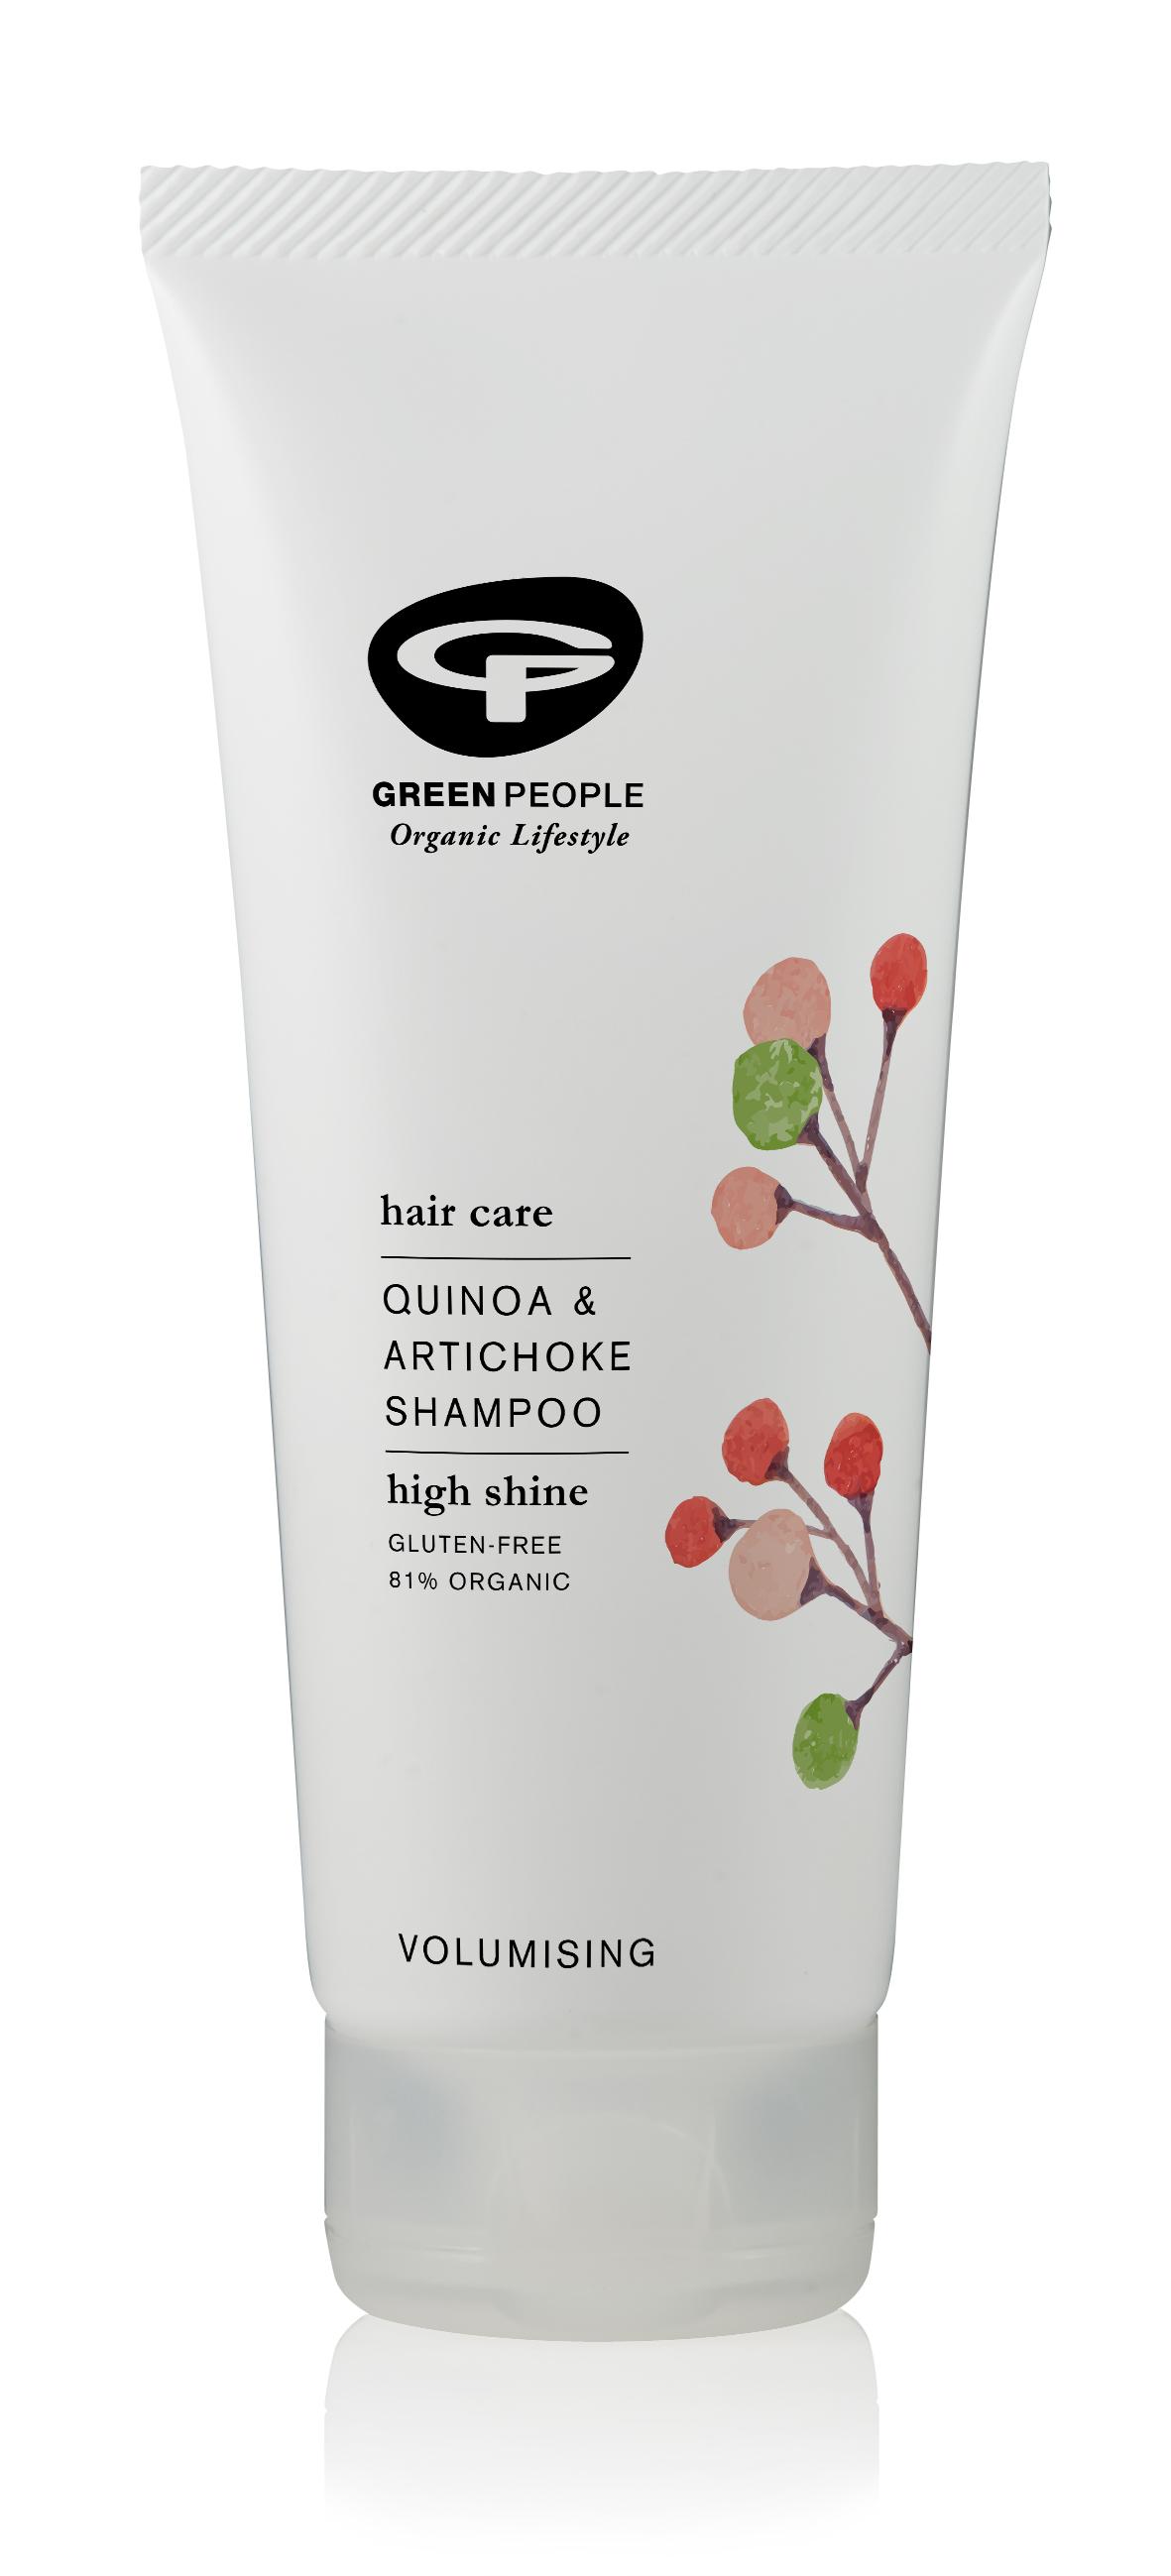 Quinoa and Artichoke Shampoo 200ml